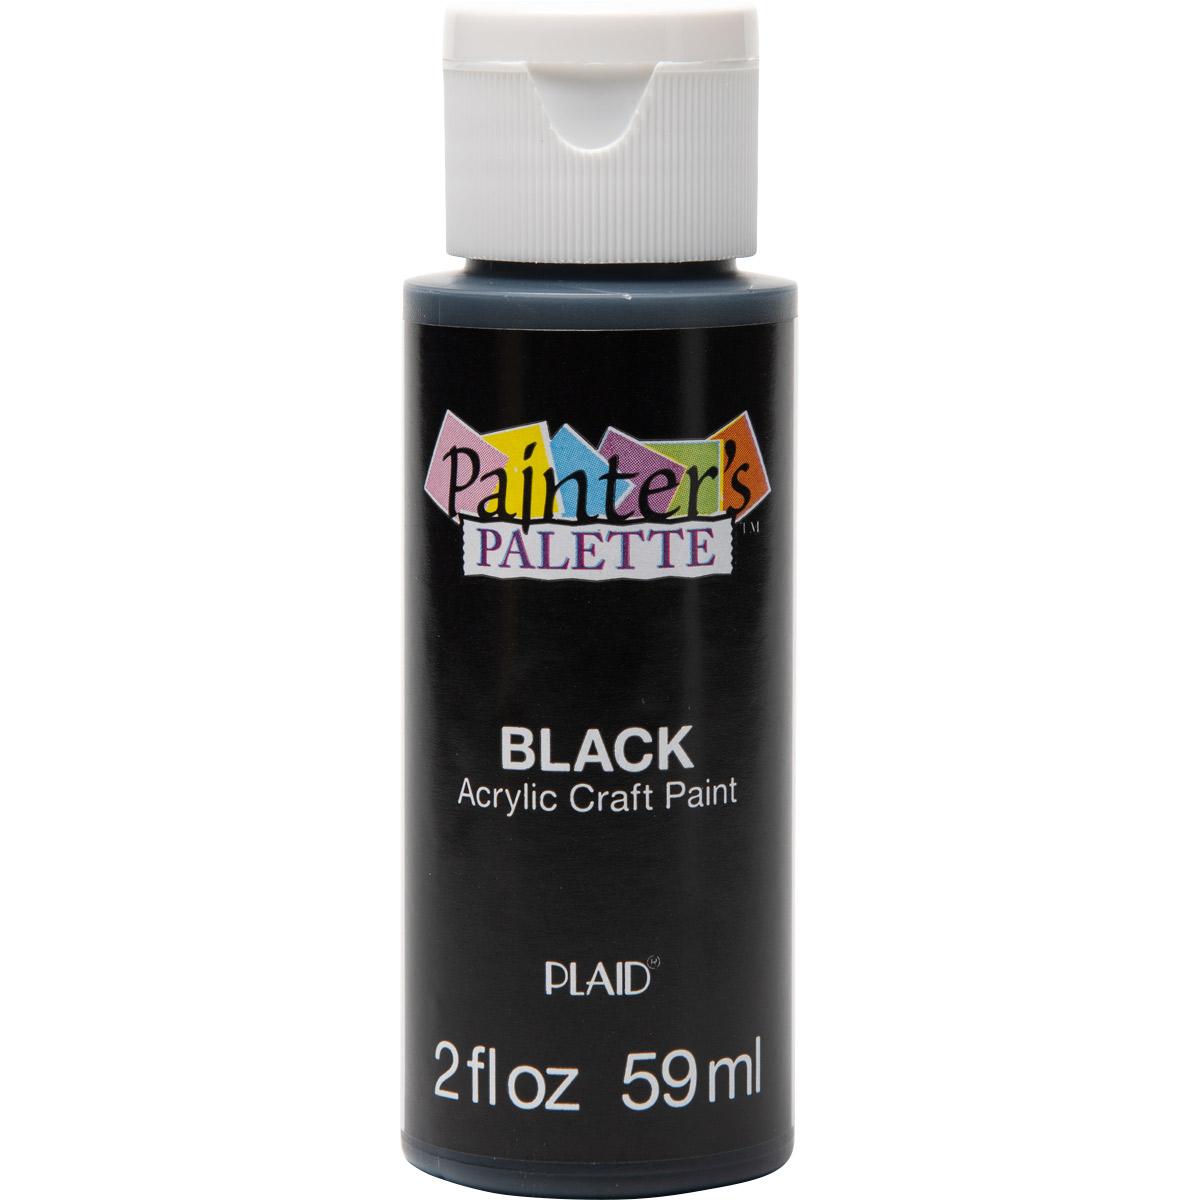 Plaid ® Painter's Palette™ Acrylic Paint - Black, 2 oz. - 23778